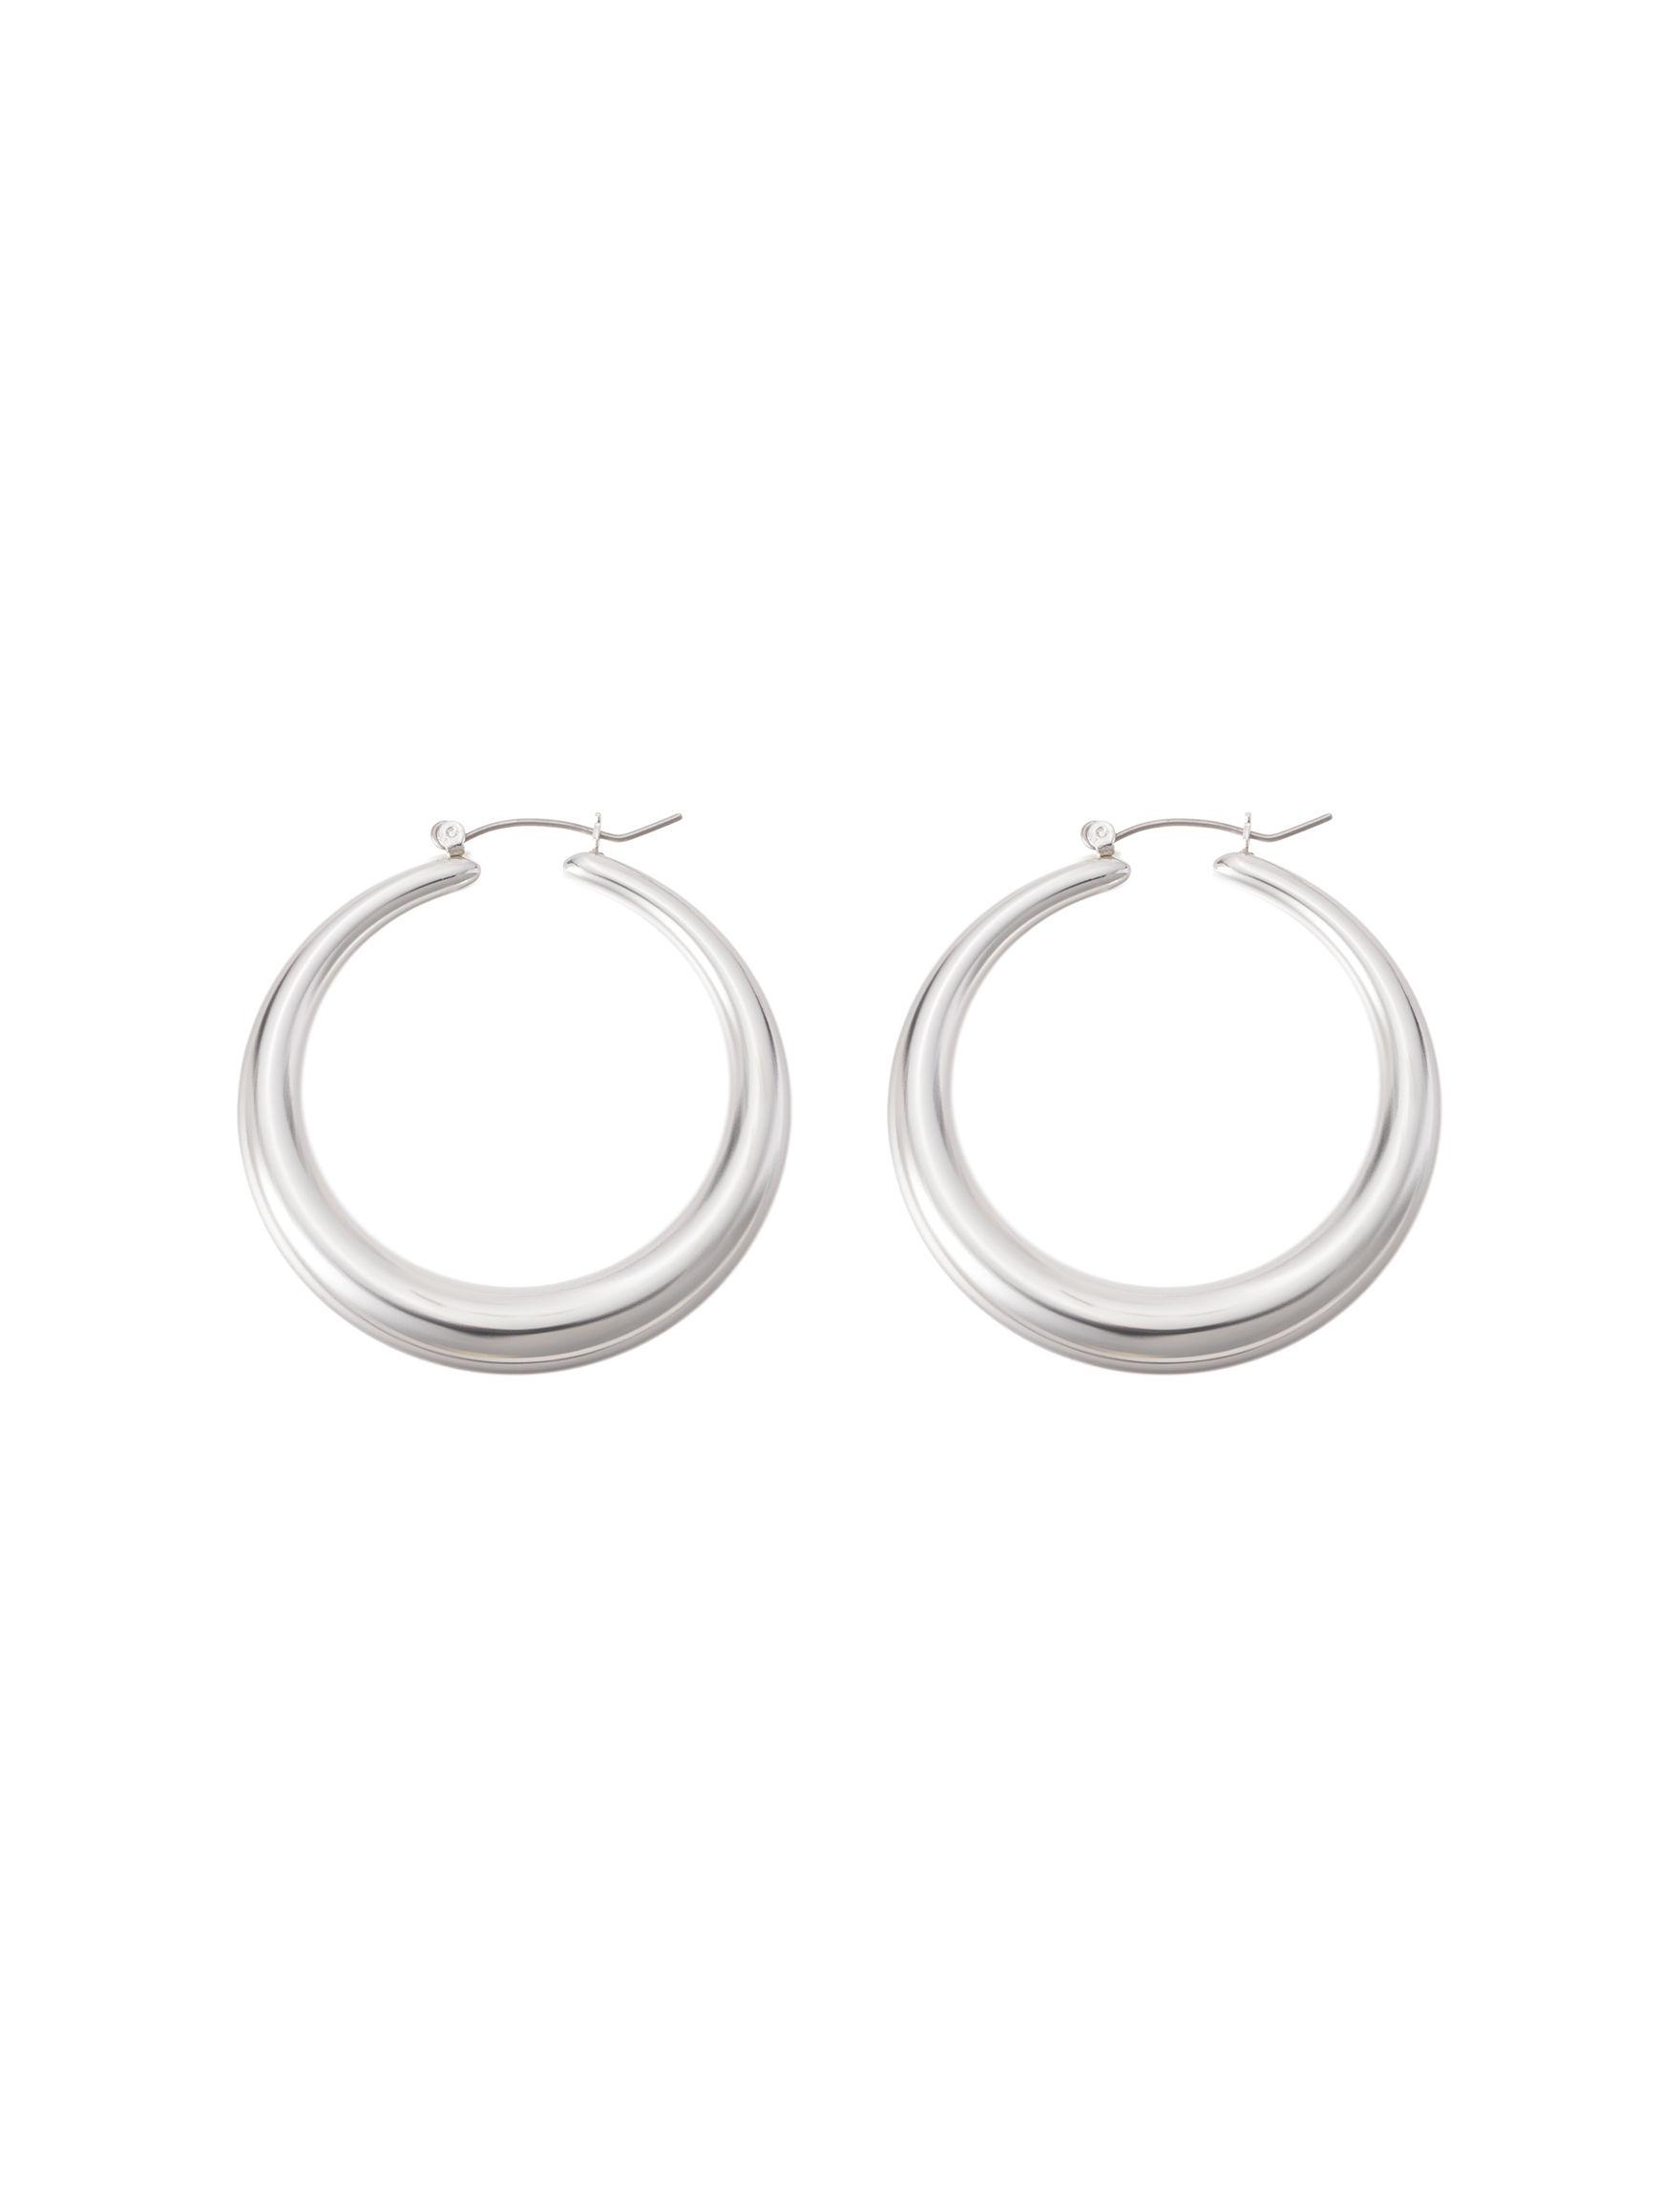 Hannah Silver Hoops Earrings Fashion Jewelry